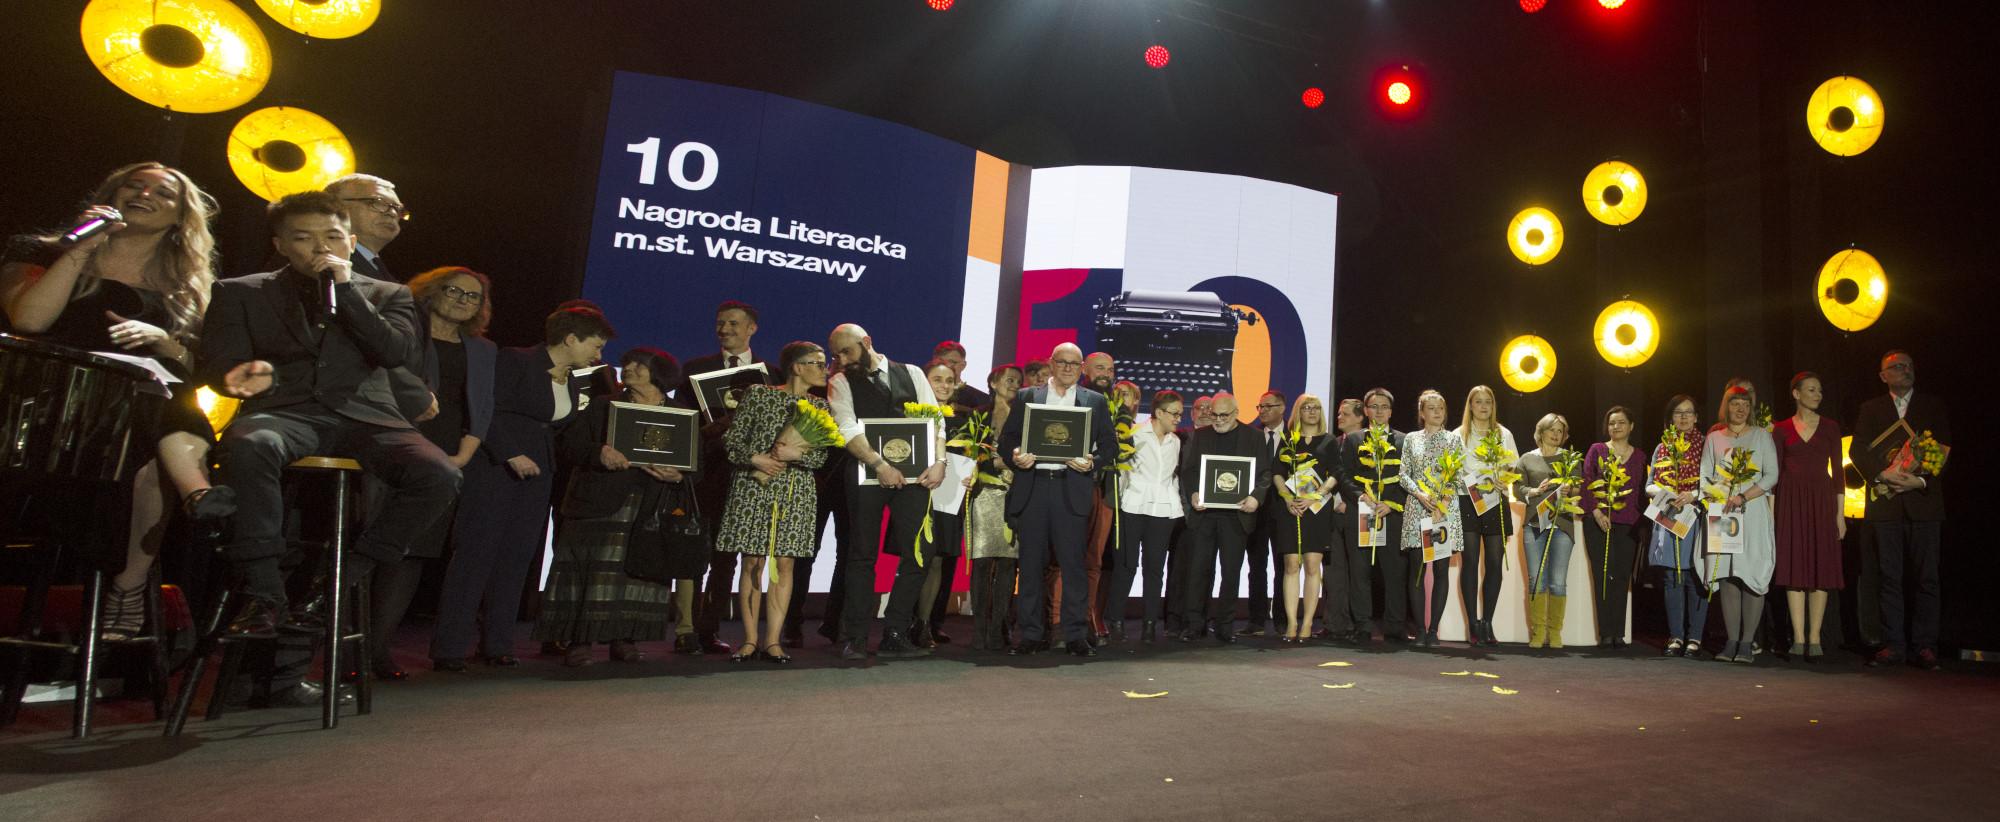 Nominowani inagrodzeni w10. edycji Nagrody Literackiej m.st. Warszawy